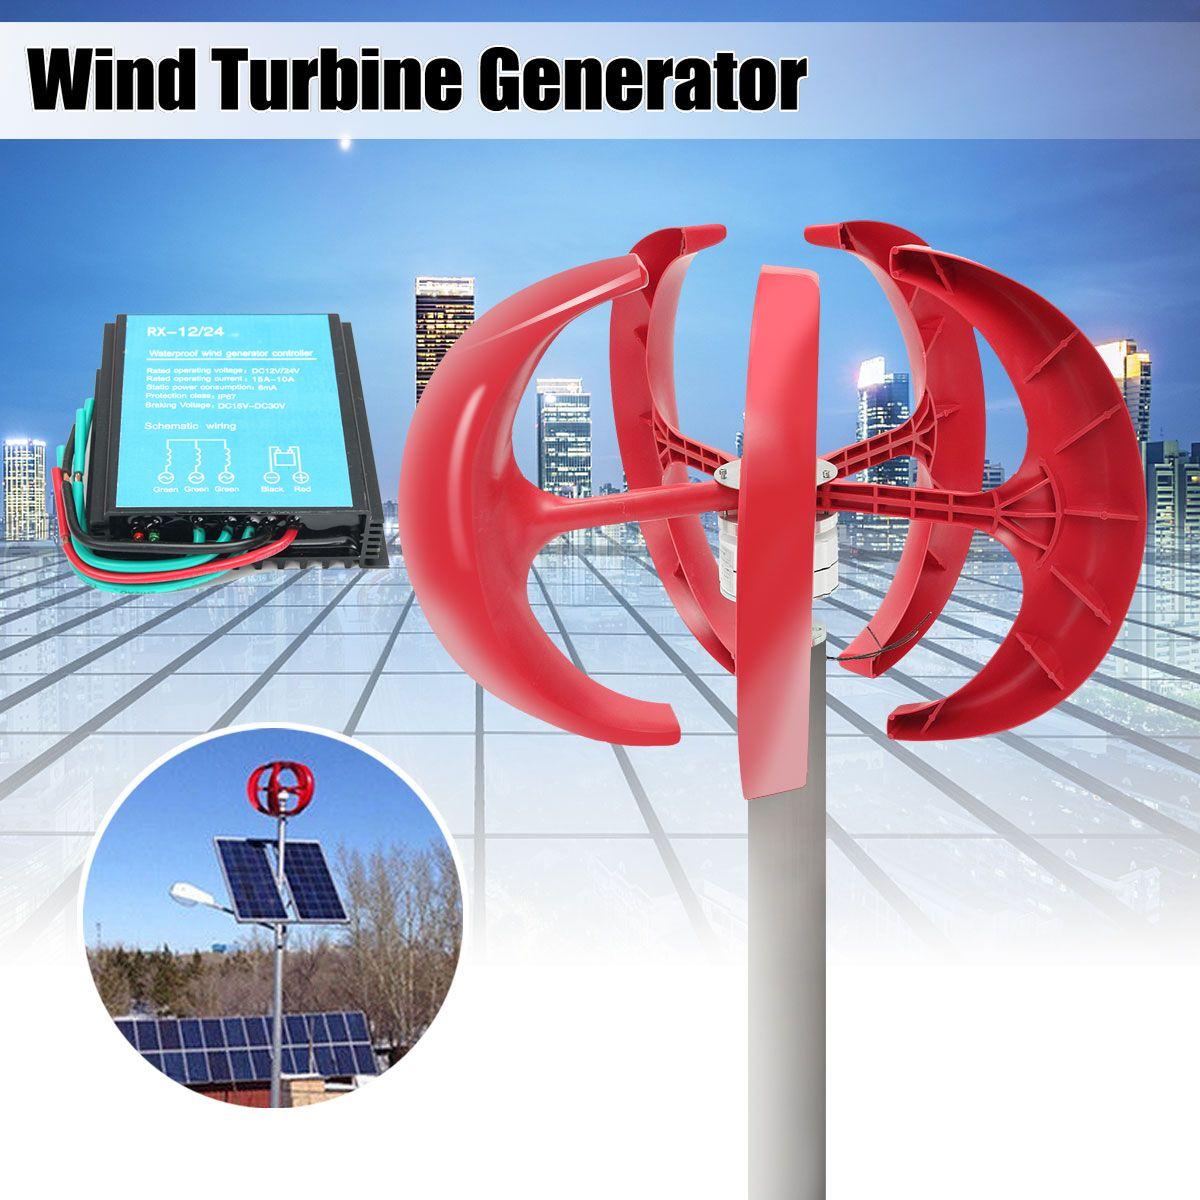 100W 200W 300W 400W Wind Generator Lantern 12V 24V 5 Blades Permanent Magnet Generator Turbine + 600W Wind Controller 12V 24V